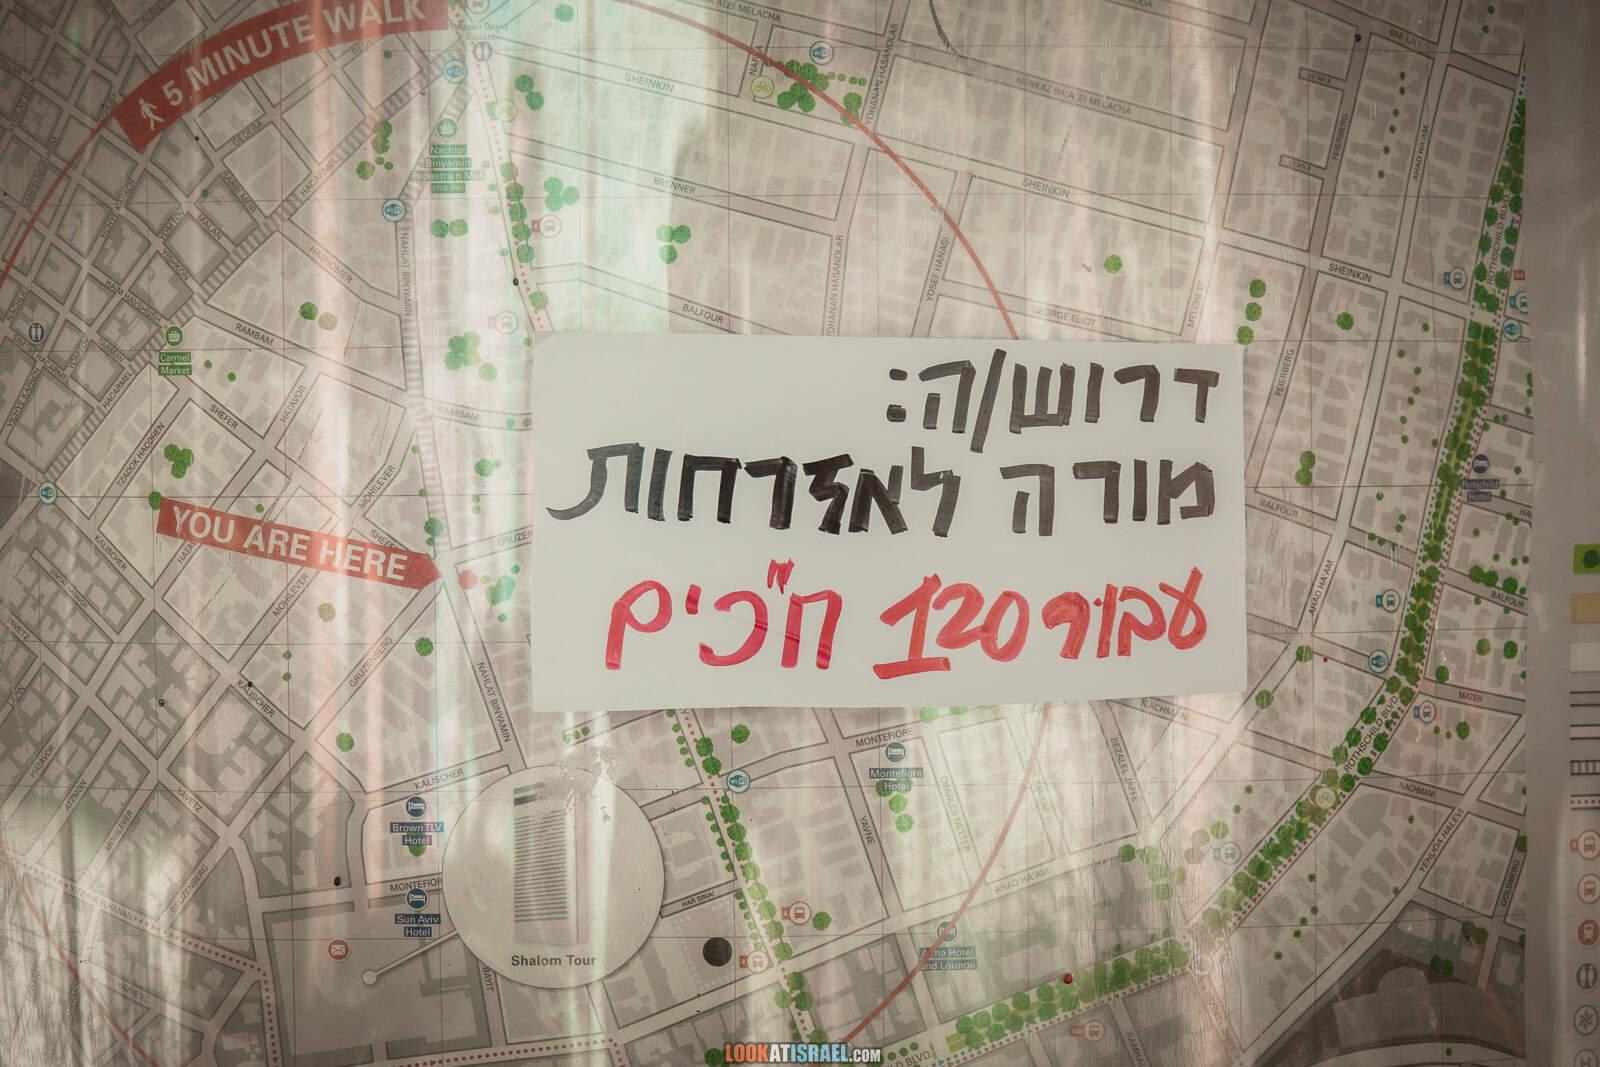 Тель-Авив, улица ремесленников Нахалат Биньямин и рынок Кармель во время карантина | Lockdown on beaches of Tel Aviv | LookAtIsrael.com - Фото путешествия по Израилю